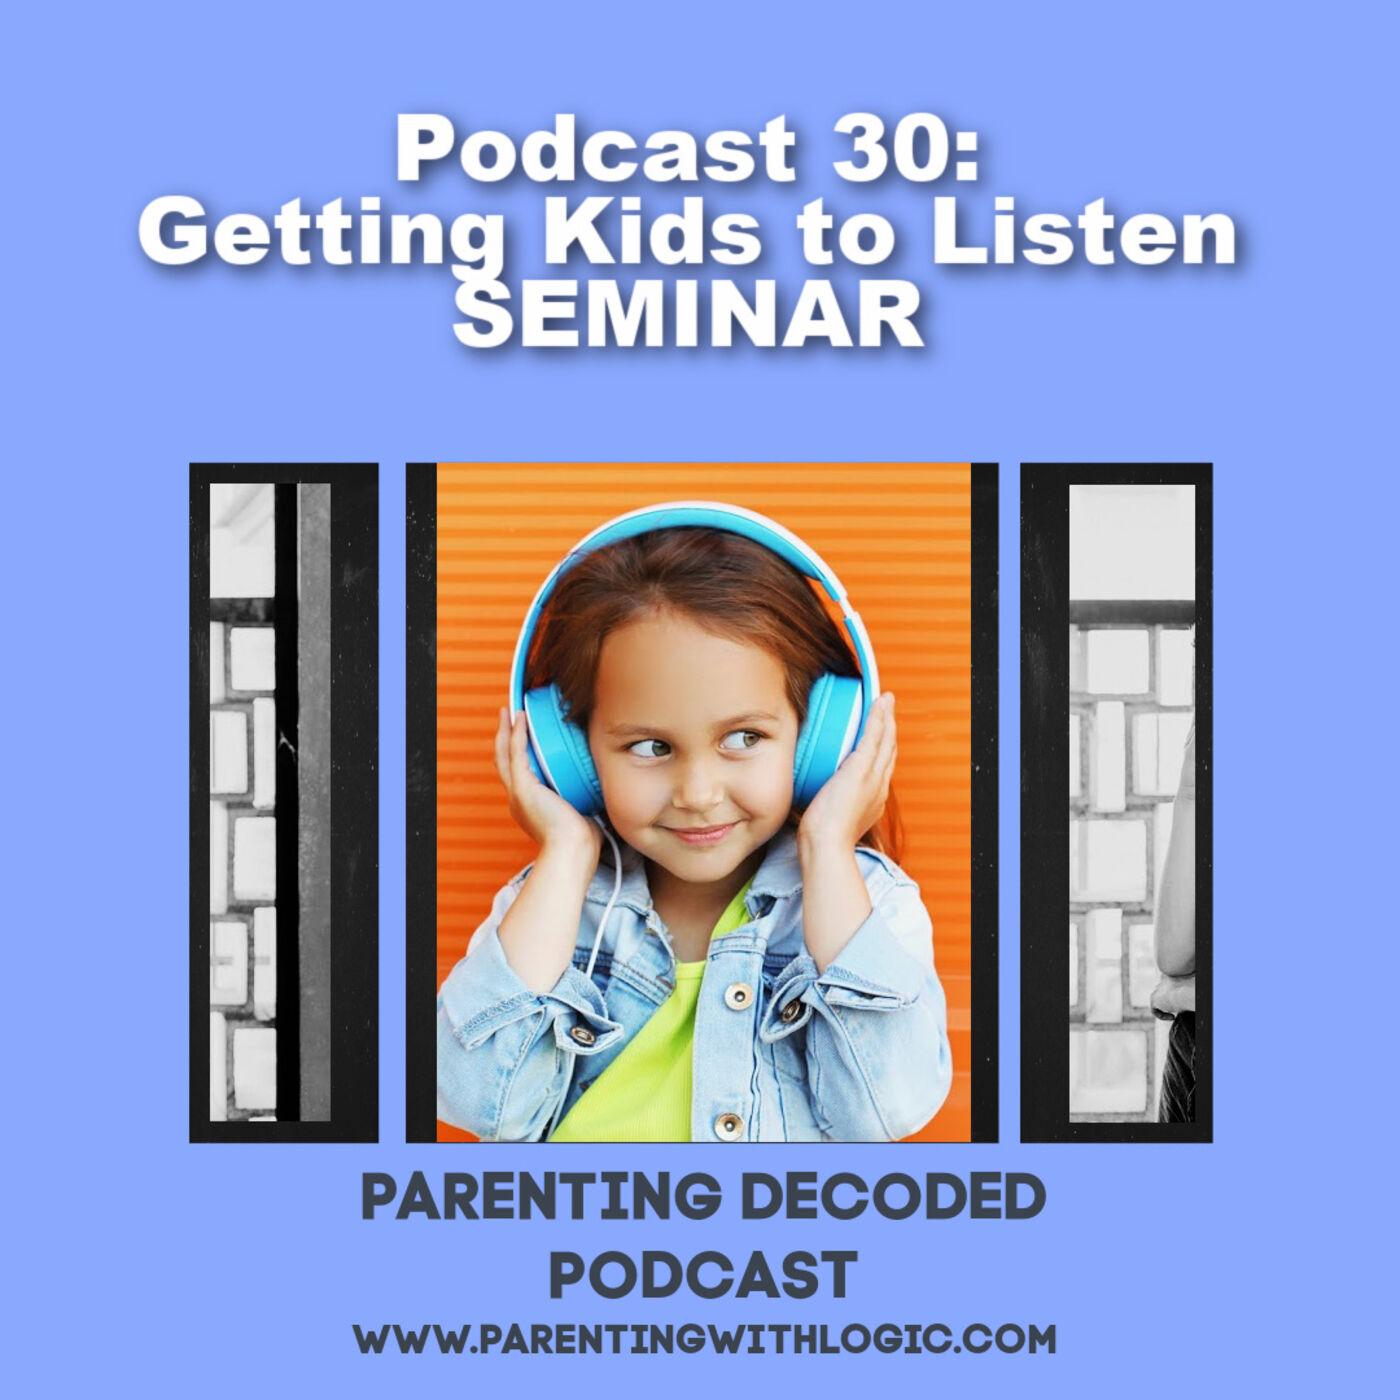 30 - Getting Kids to Listen SEMINAR